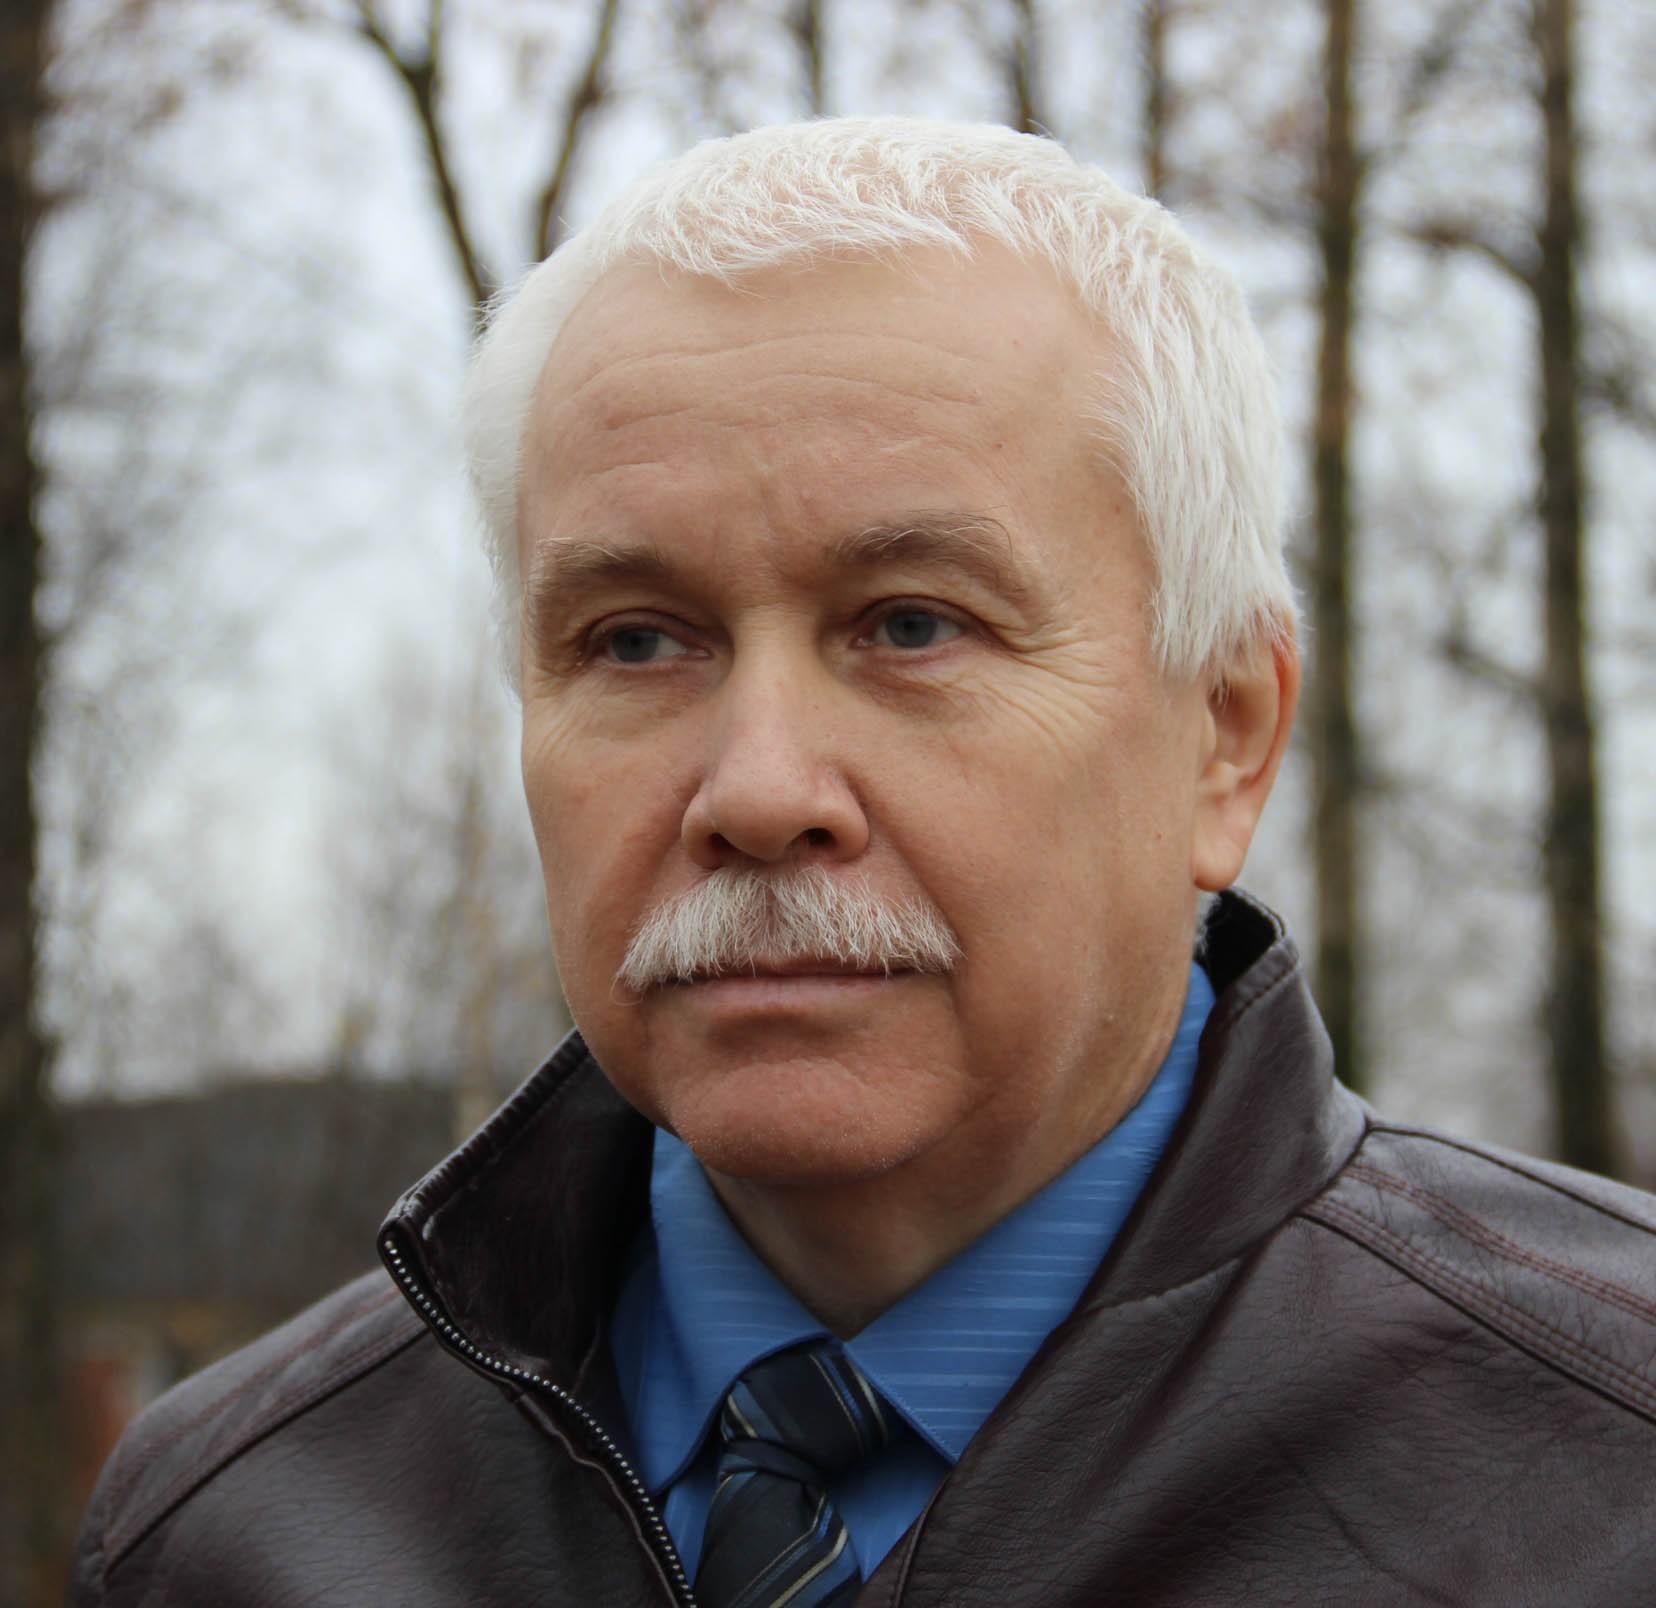 Юрий Ануфриев: Возможно, скоро в страну вернется «Росводоканал»